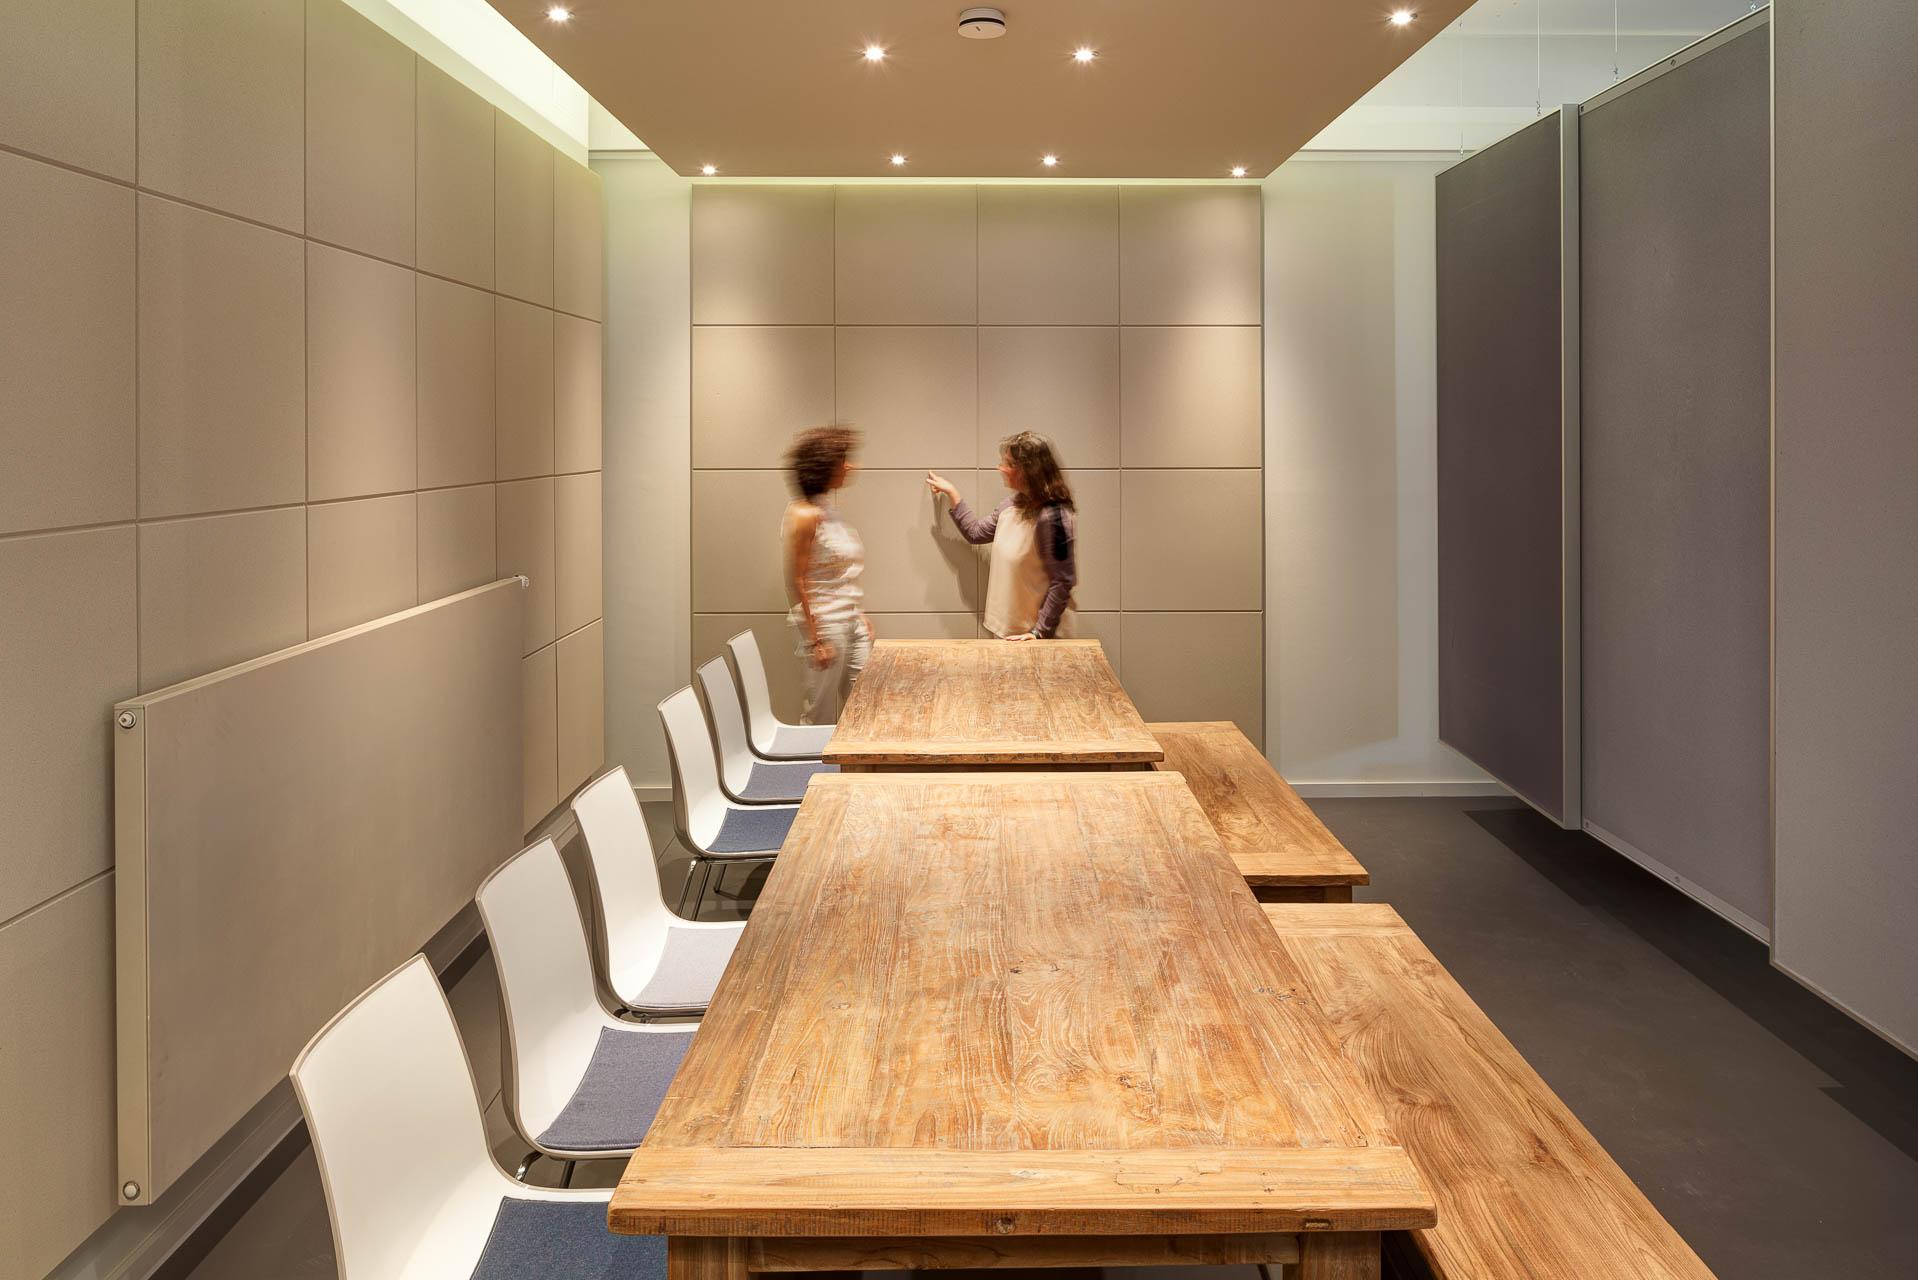 Innenarchitektur-Fotografie für cooperation solakidou/heinen architects